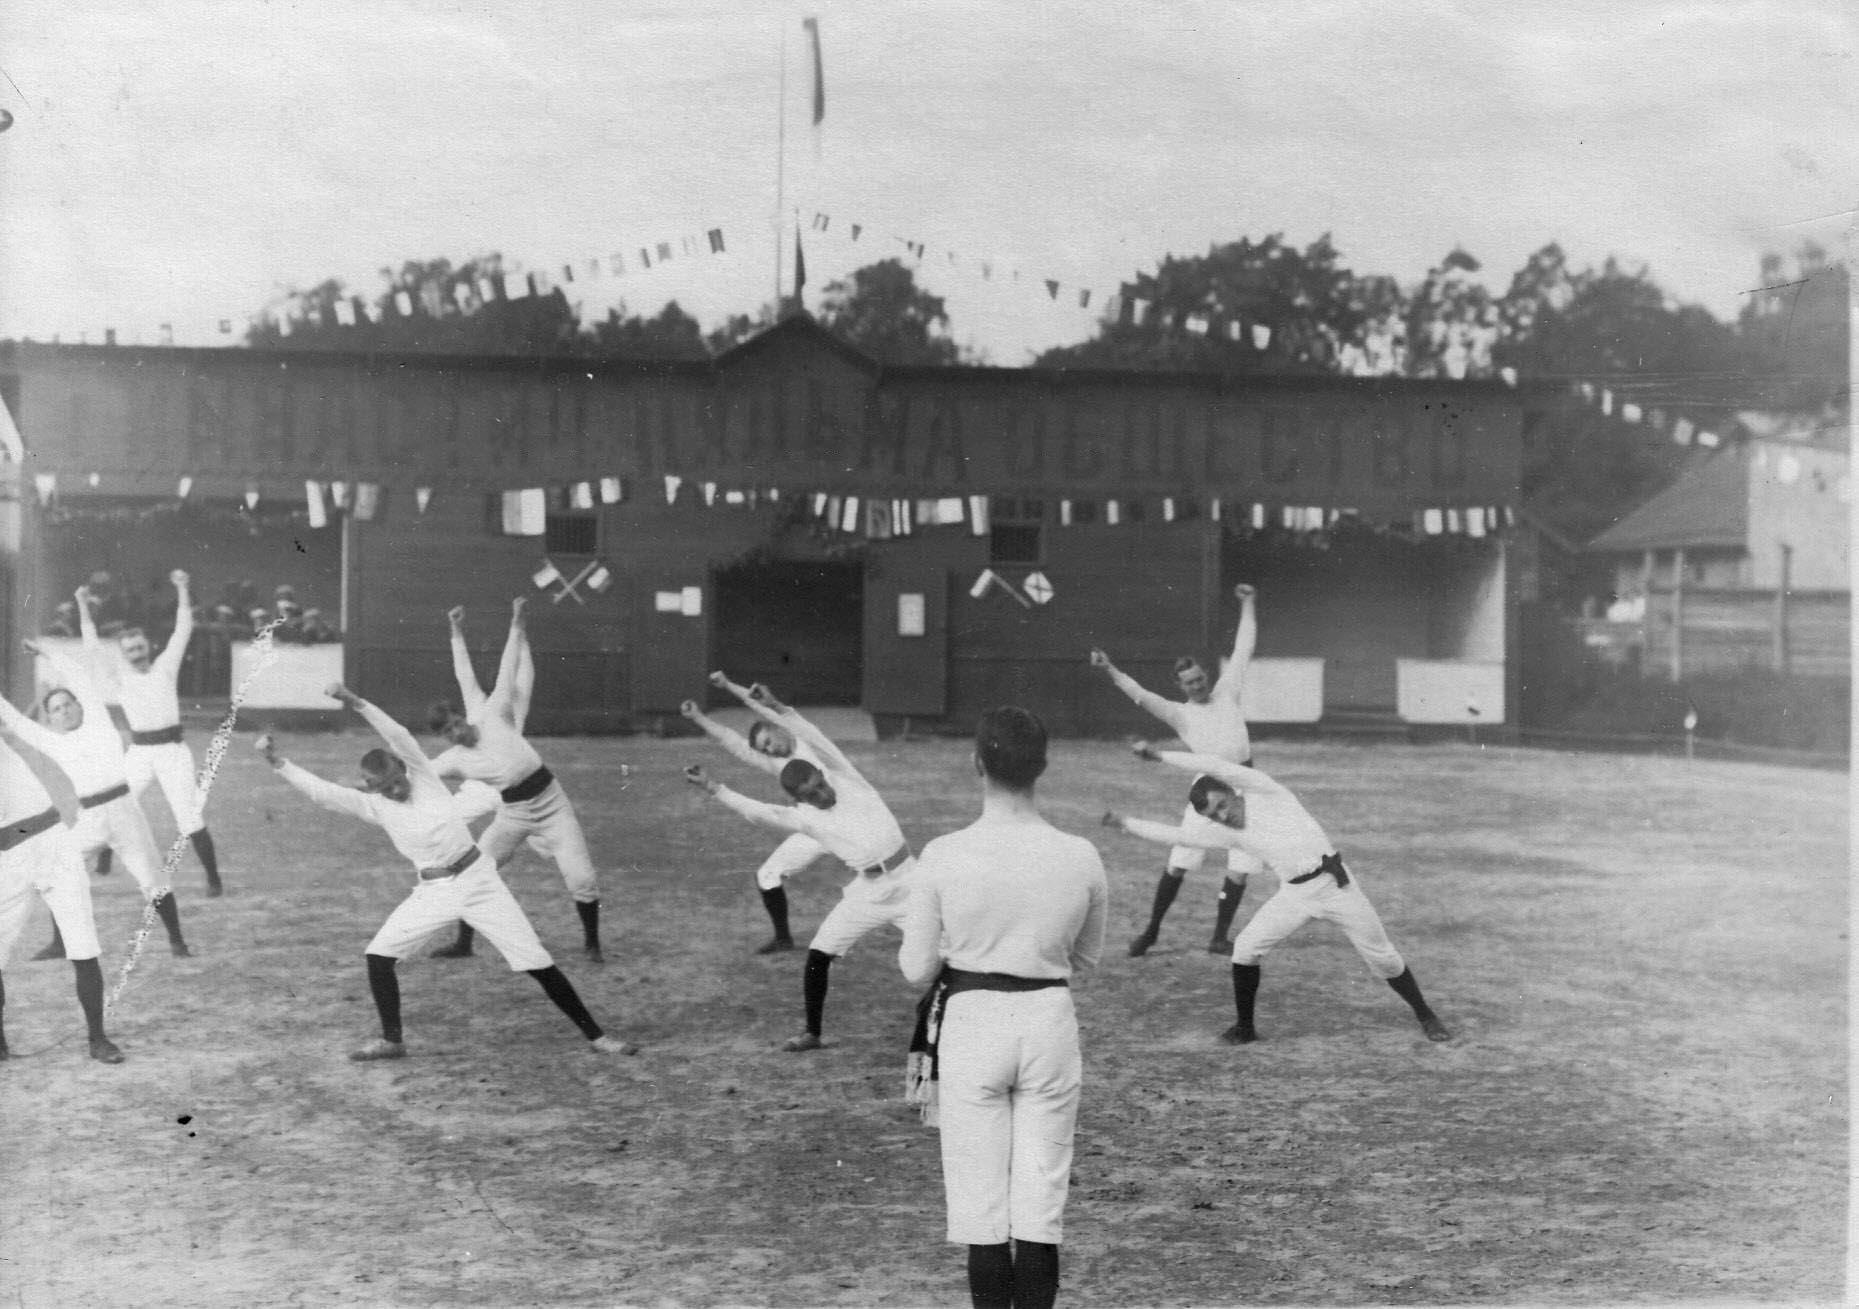 Группа членов Гимнастического общества «Пальма» делает вольные упражнения на спортивной площадке